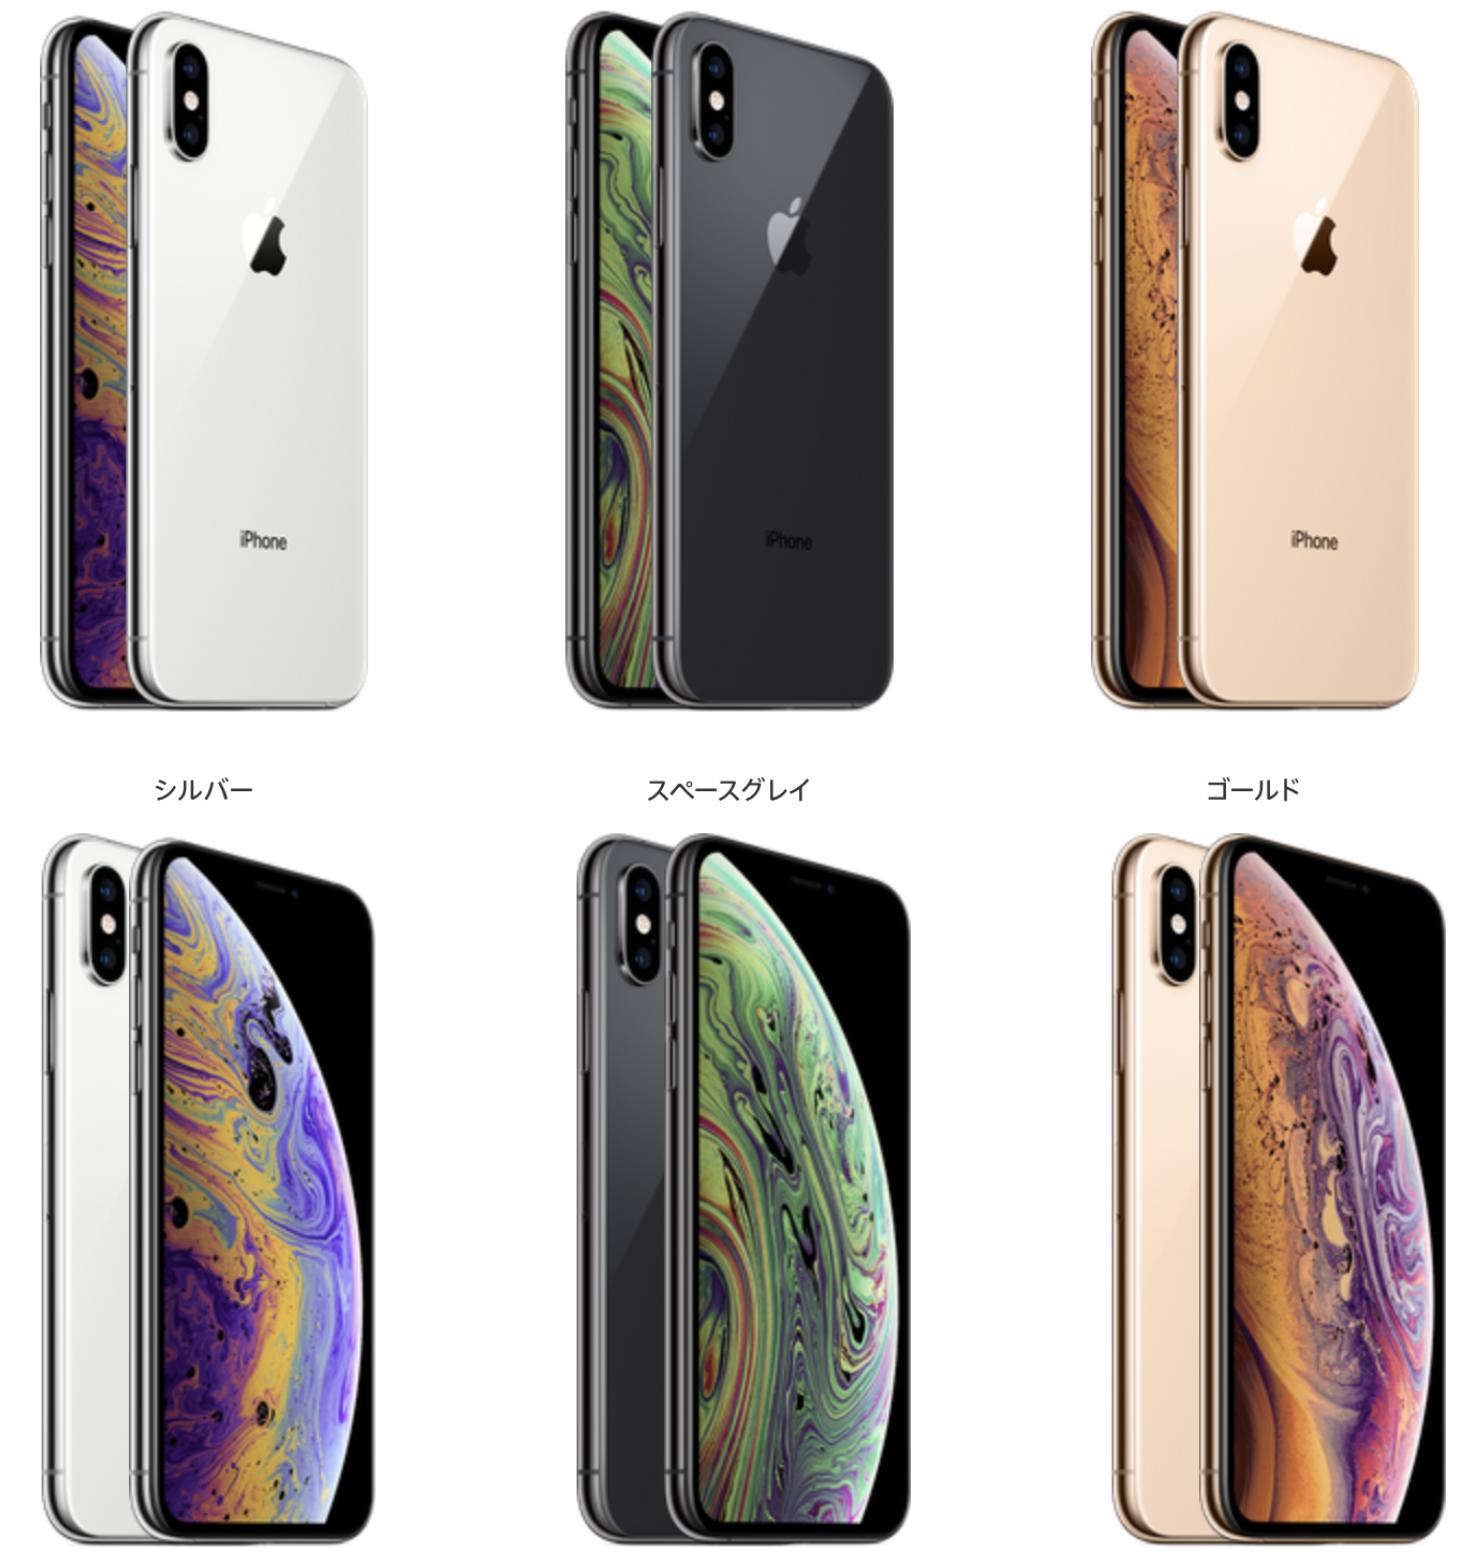 iPhoneXs人気カラーはこれだ!ショップで売れてるランキング